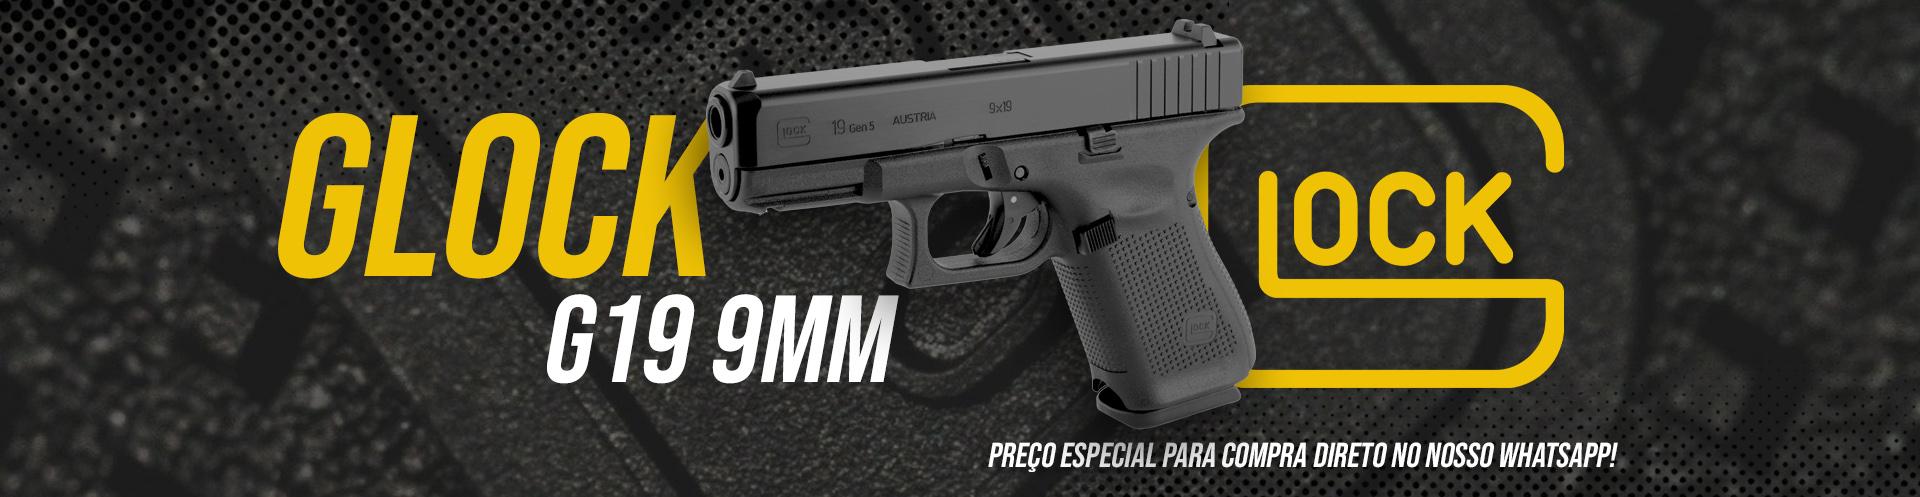 Full Banner Glock G19